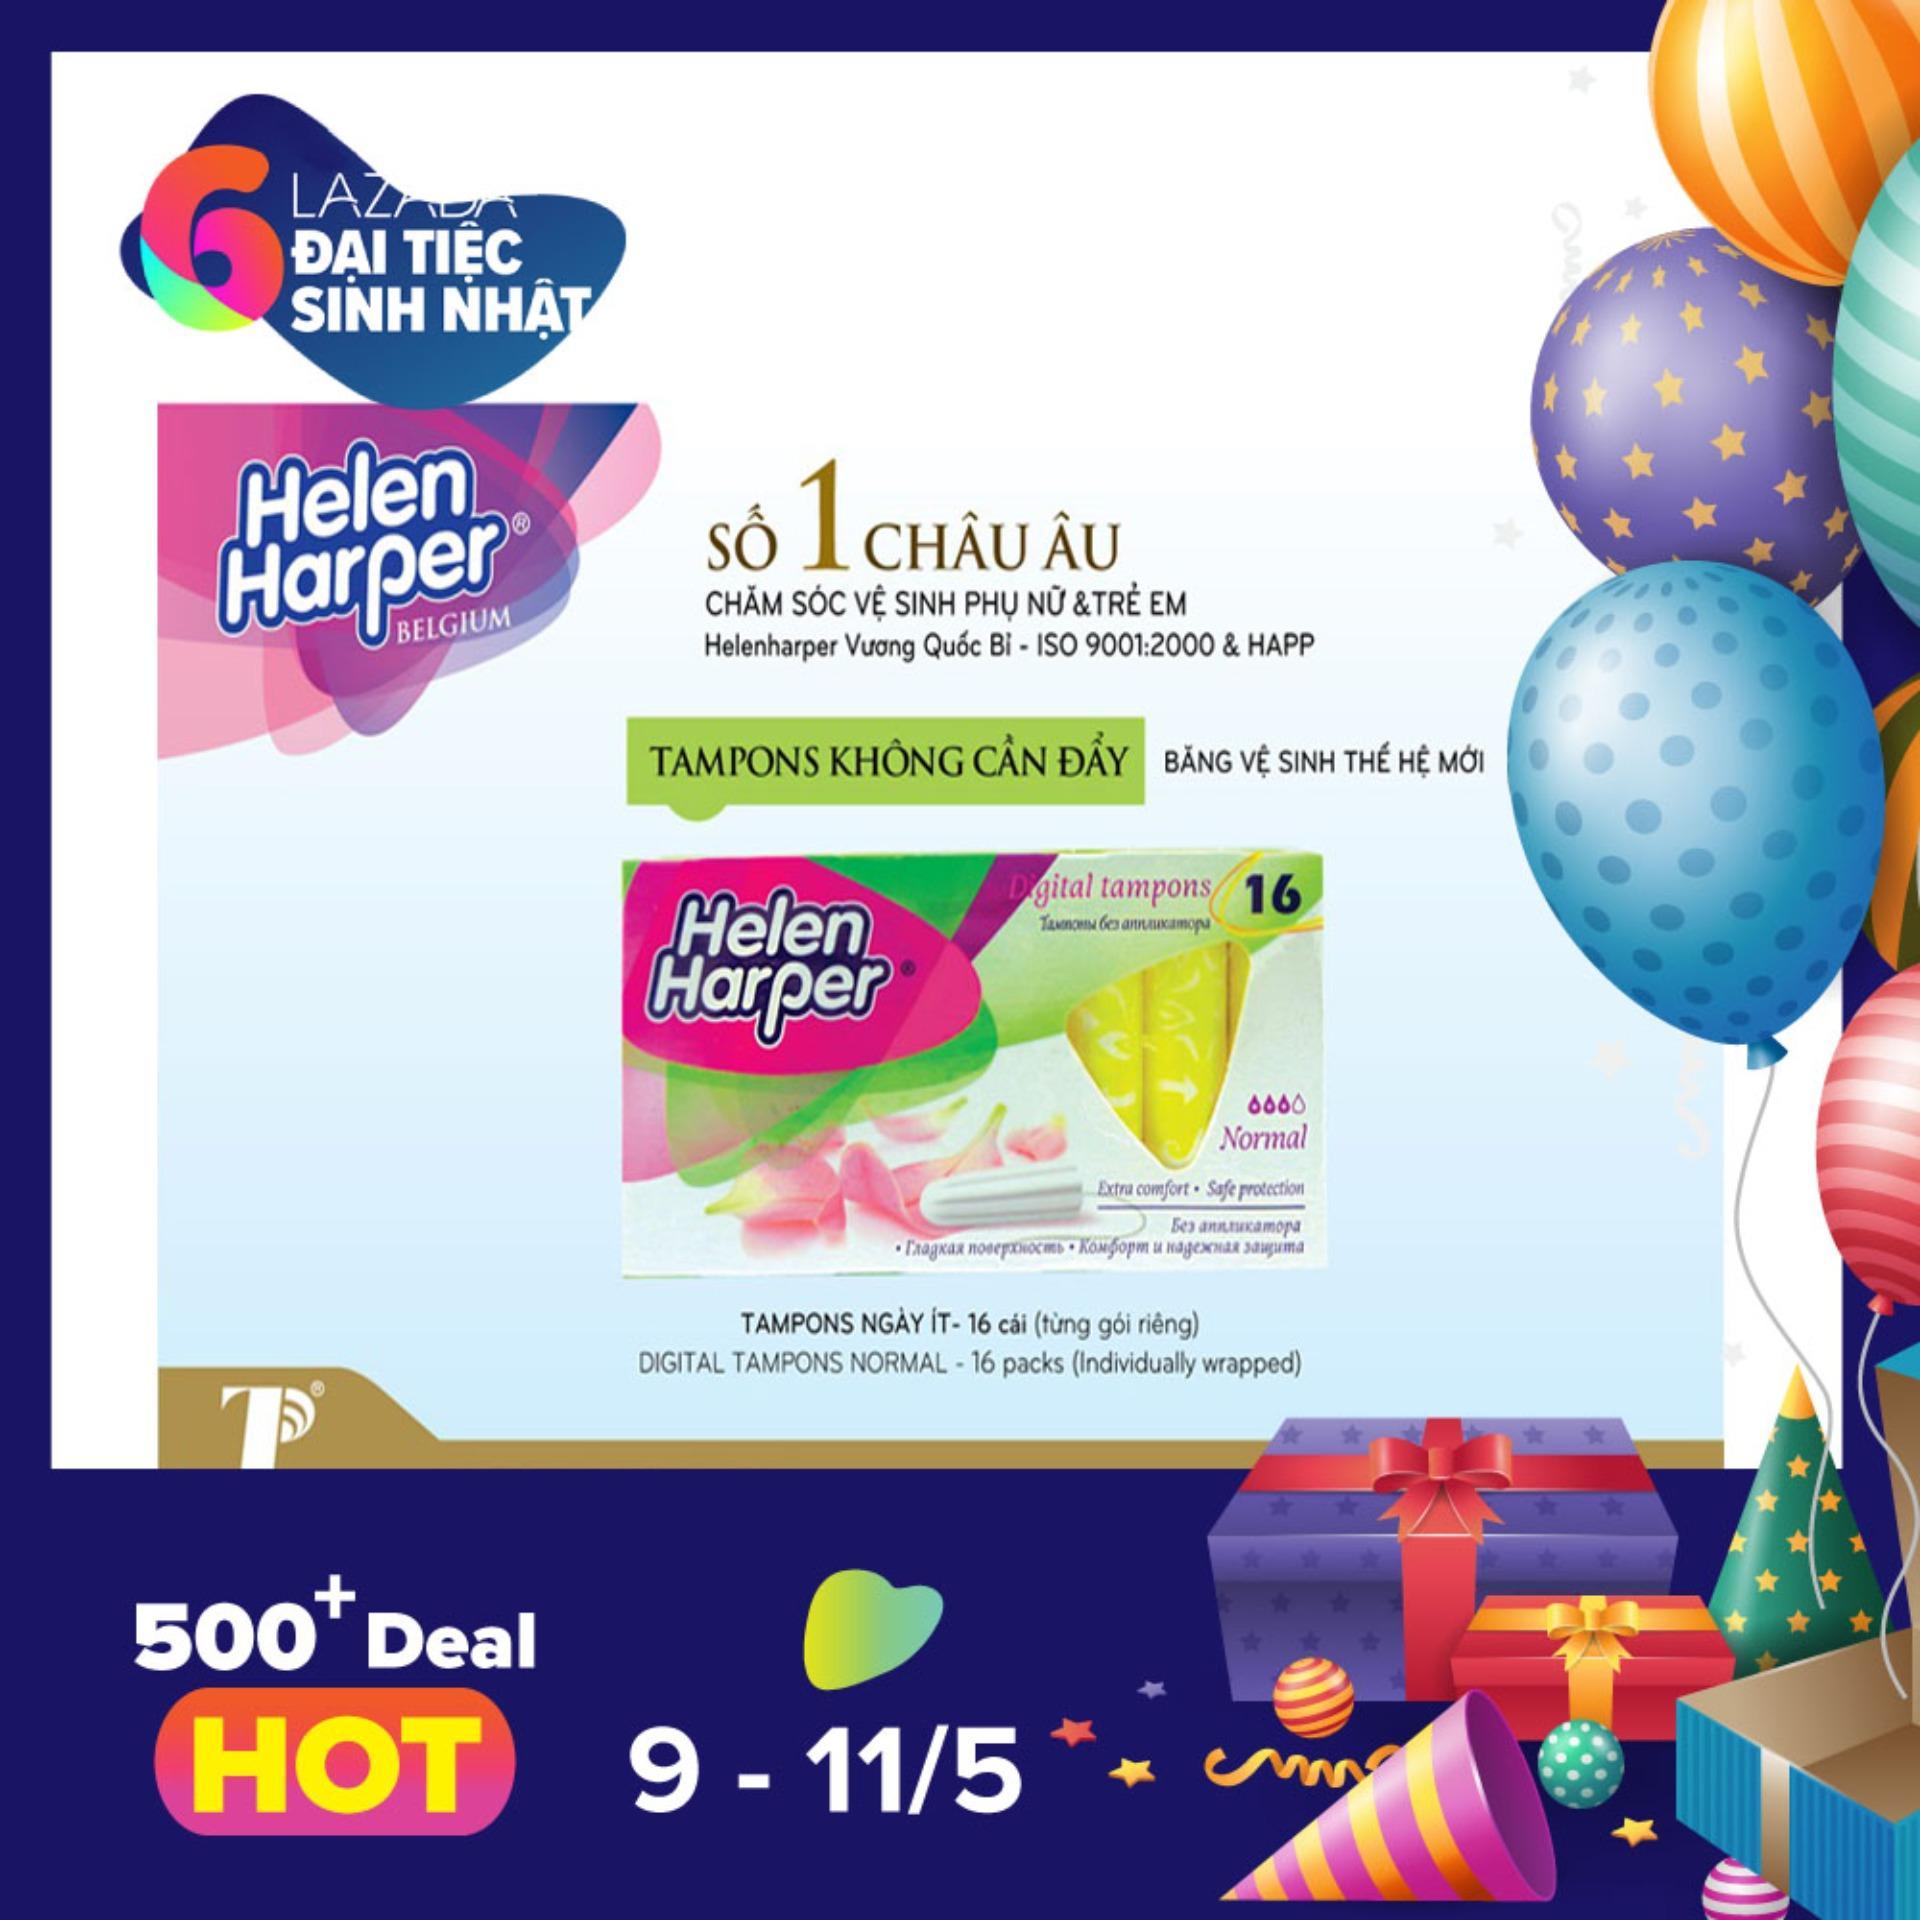 Giá Bán Bộ 2 Băng Vệ Sinh Helen Harper Tampon Normal 16 Miếng Dung Ben Trong Bộ 2 32 Miếng Trực Tuyến